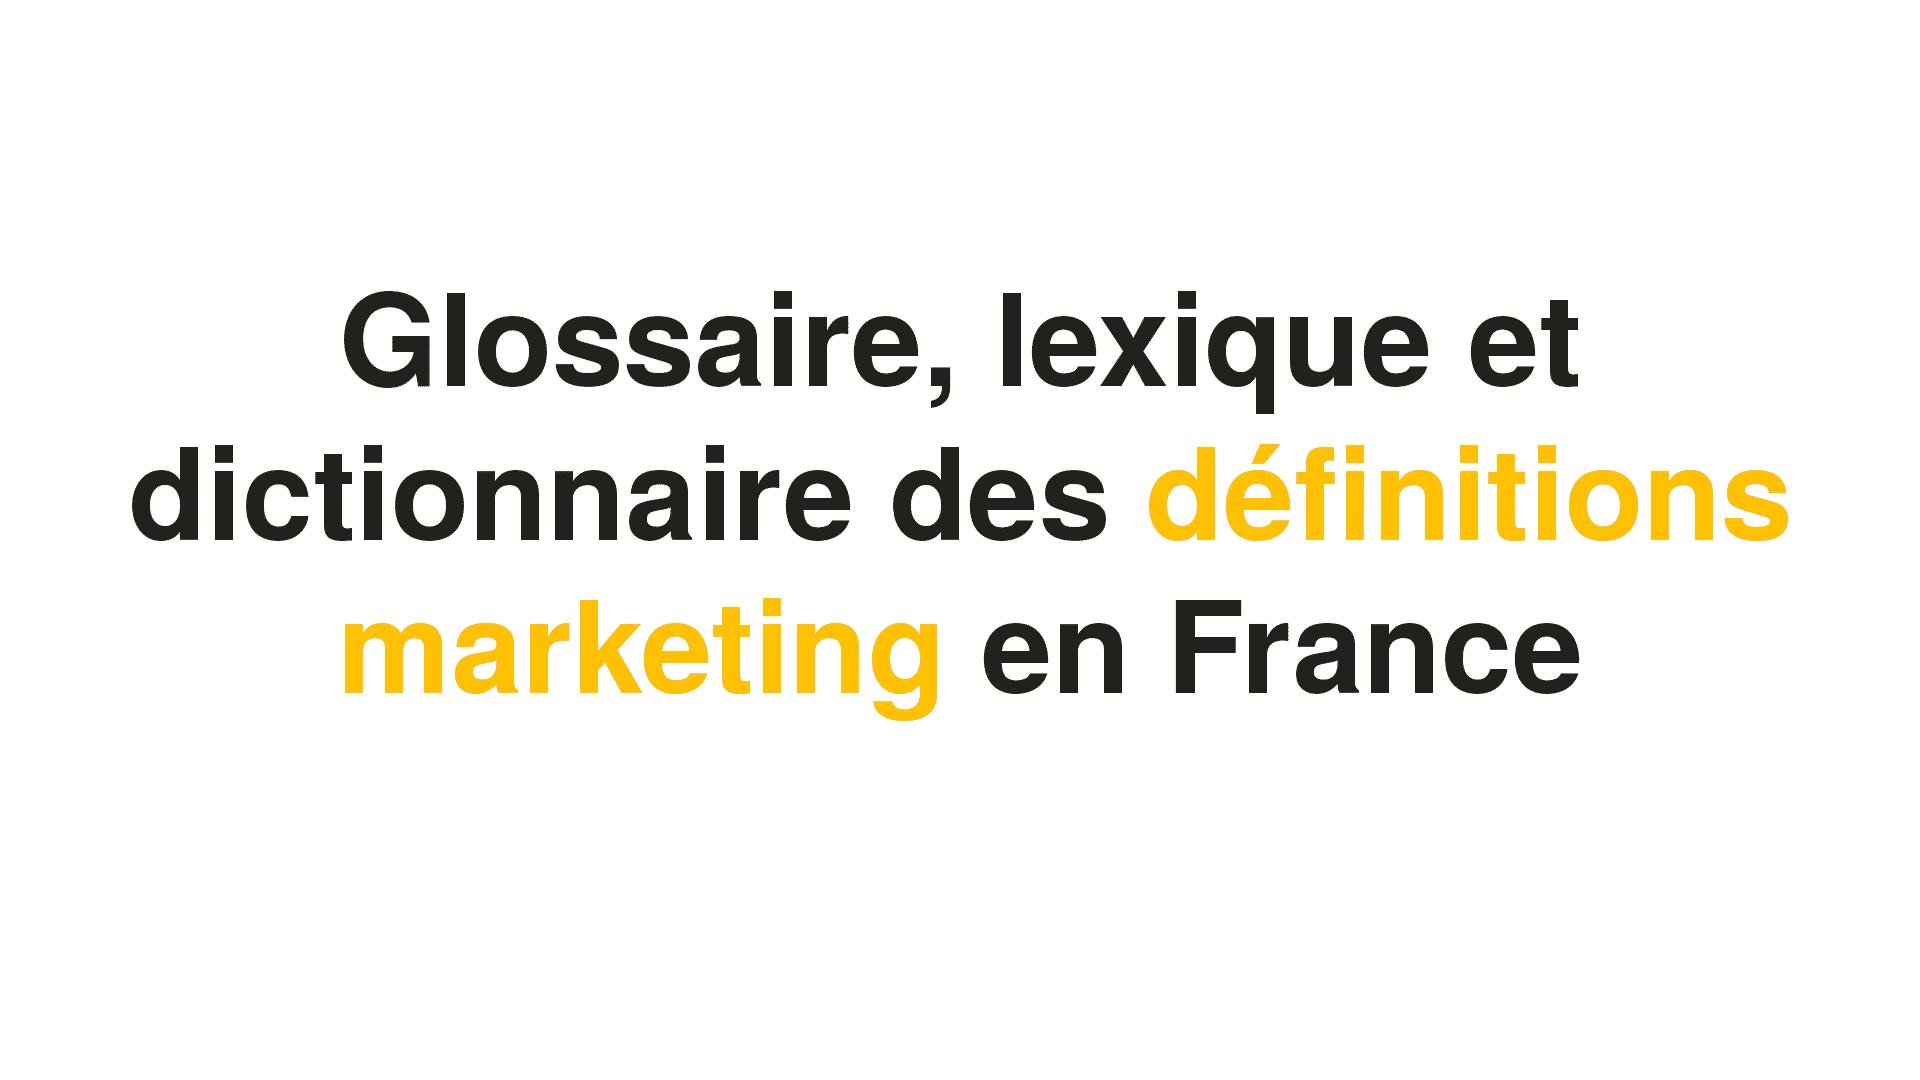 Lexique, dictionnaire et glossaire des définitions marketing en Français